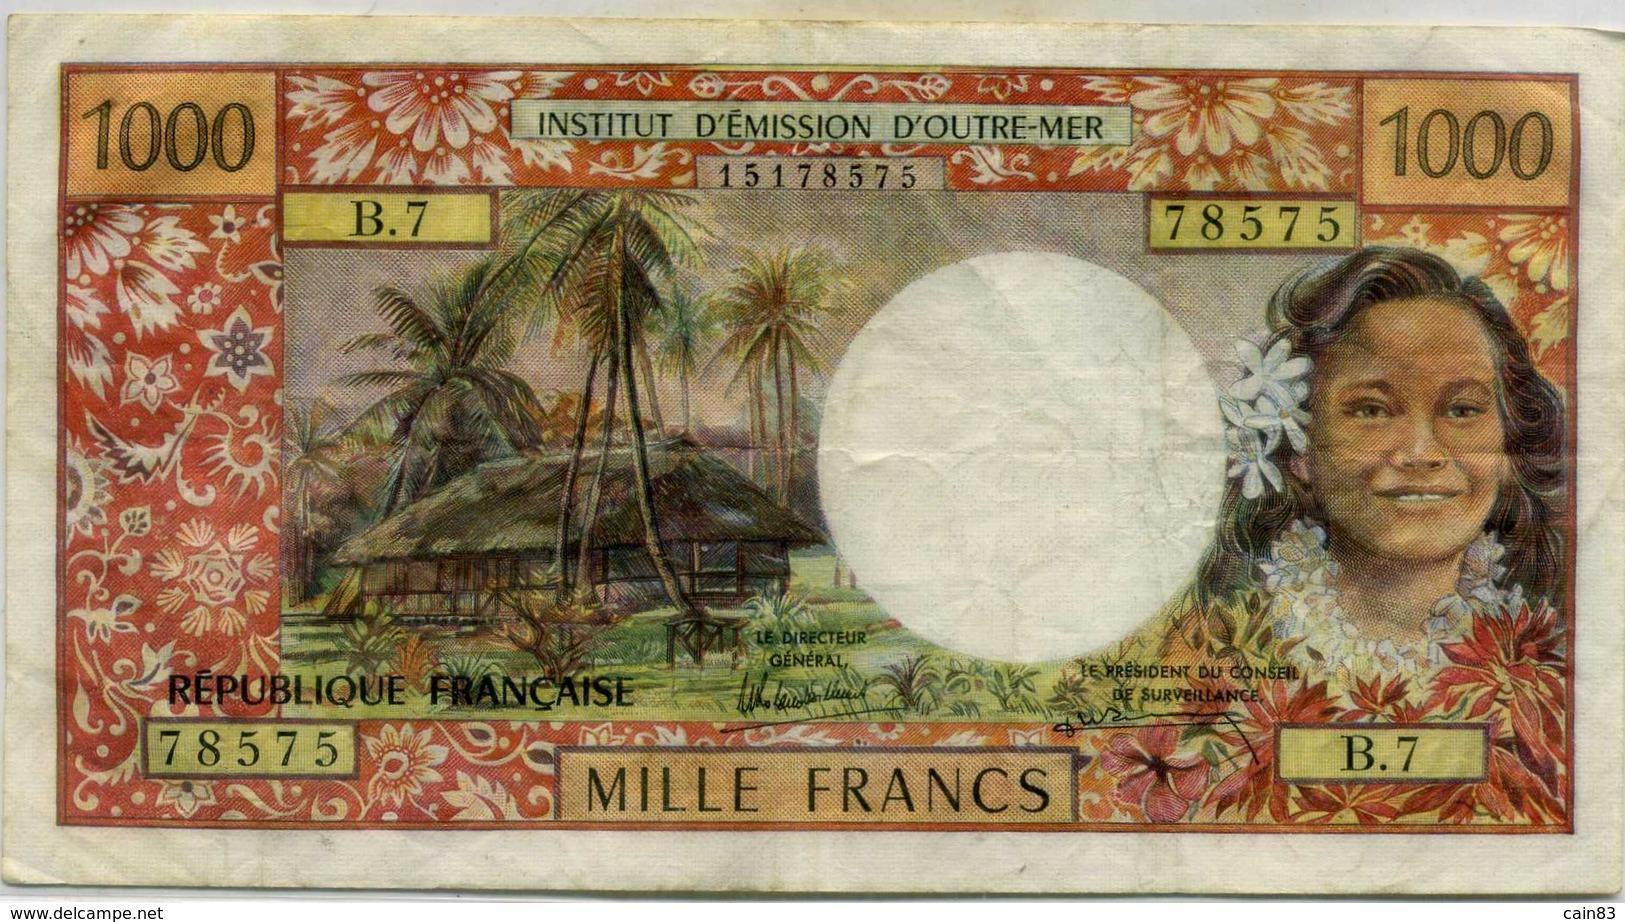 Billet De 1000 Francs ,émission D Outre Mer PAPEETE - Papeete (Polynésie Française 1914-1985)